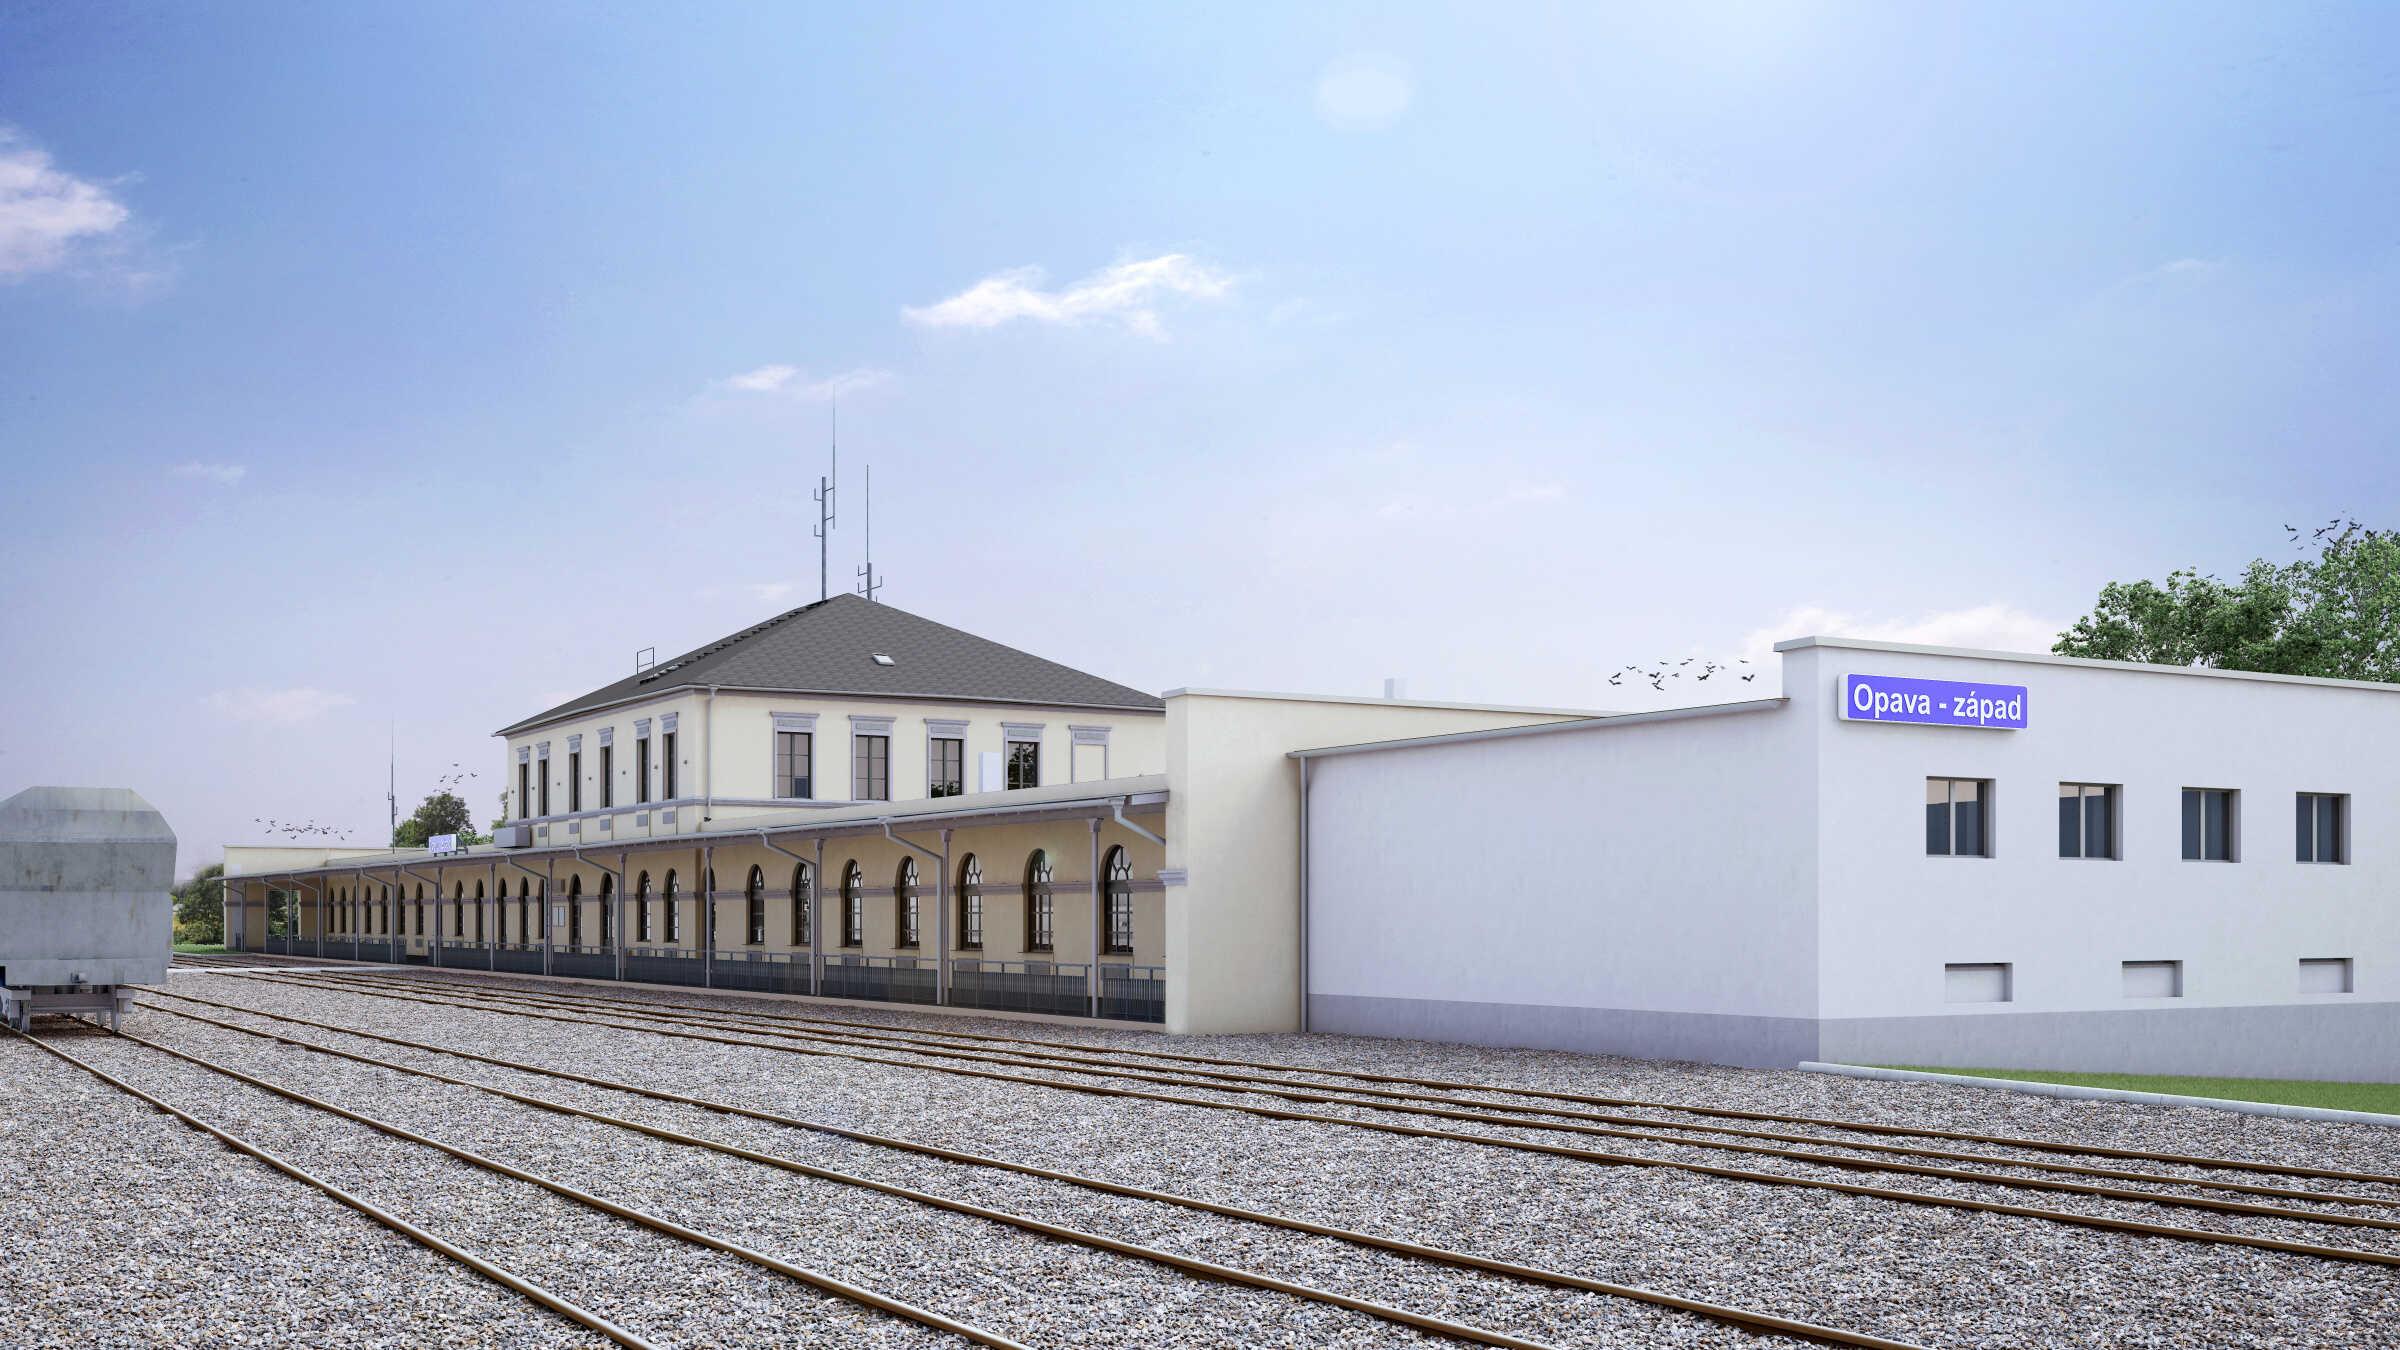 vizualizace nádraží Opava západ po rekonstrukci